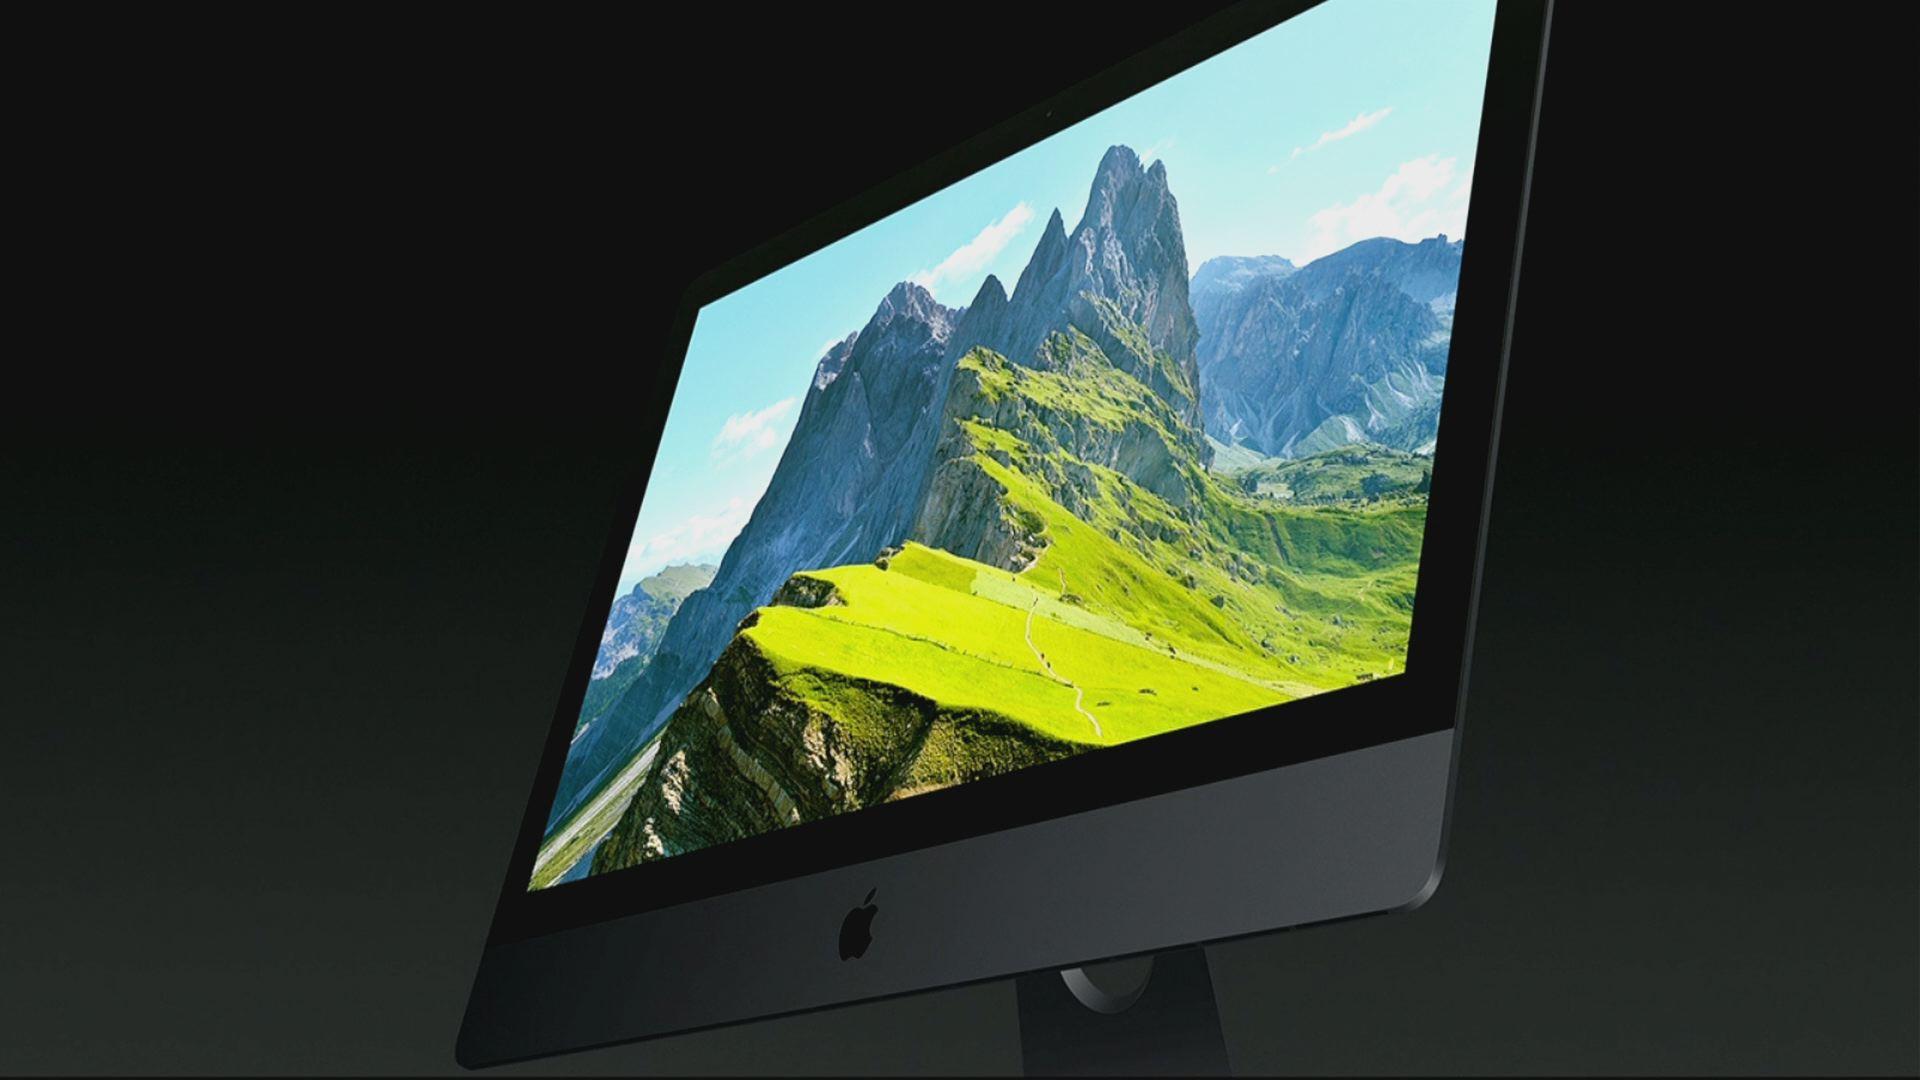 苹果WWDC大会:6大亮点 iOS11与最强iMac Pro亮相  aso优化 第5张